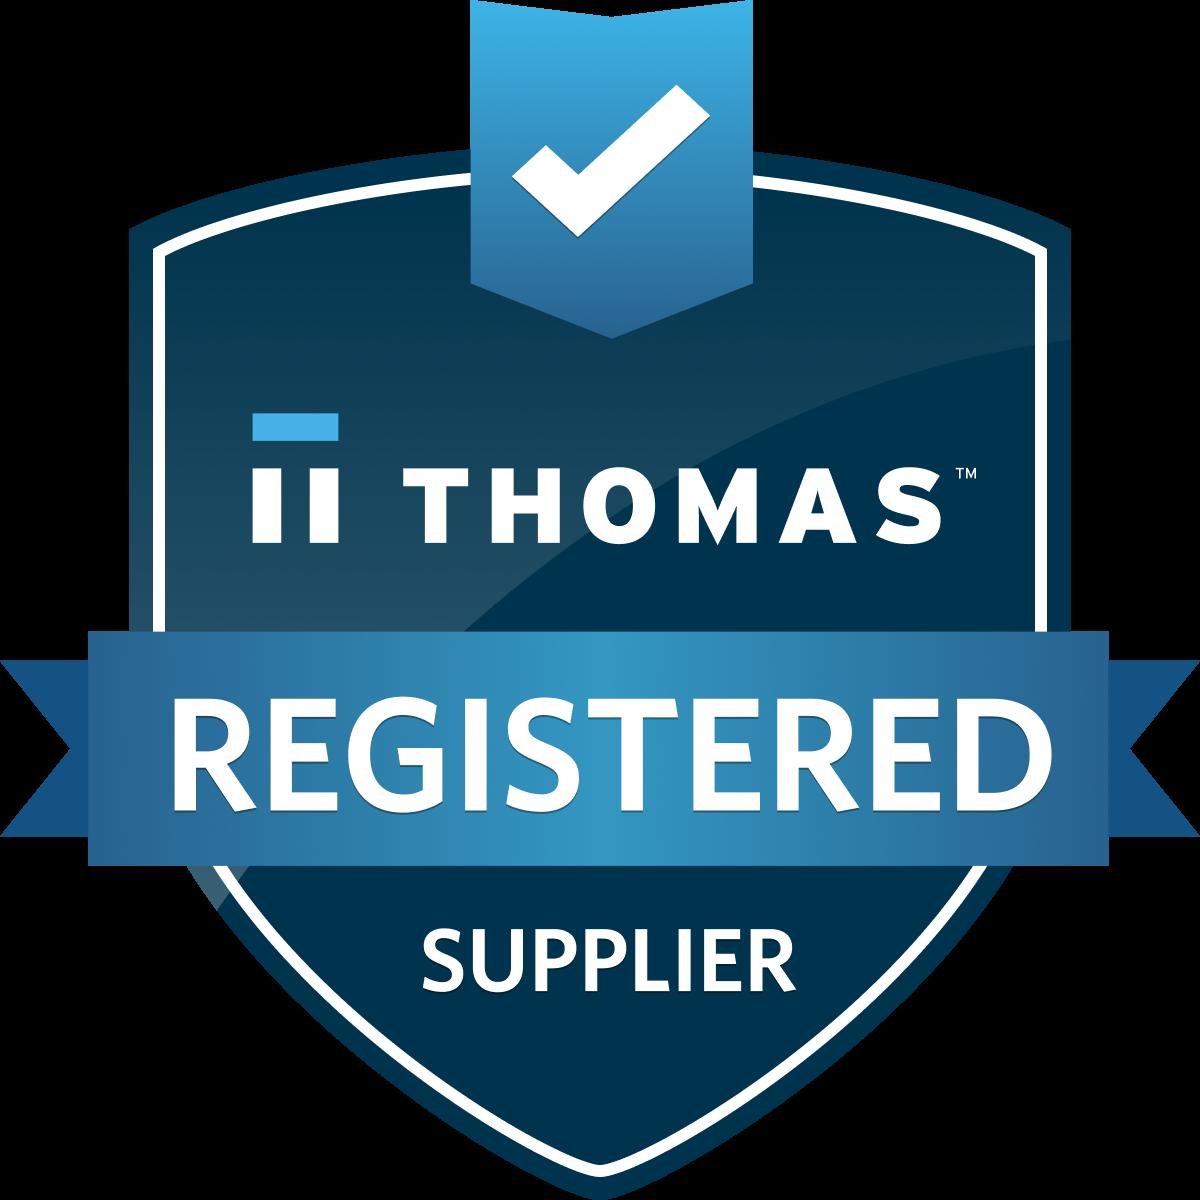 Registered Supplier Badge